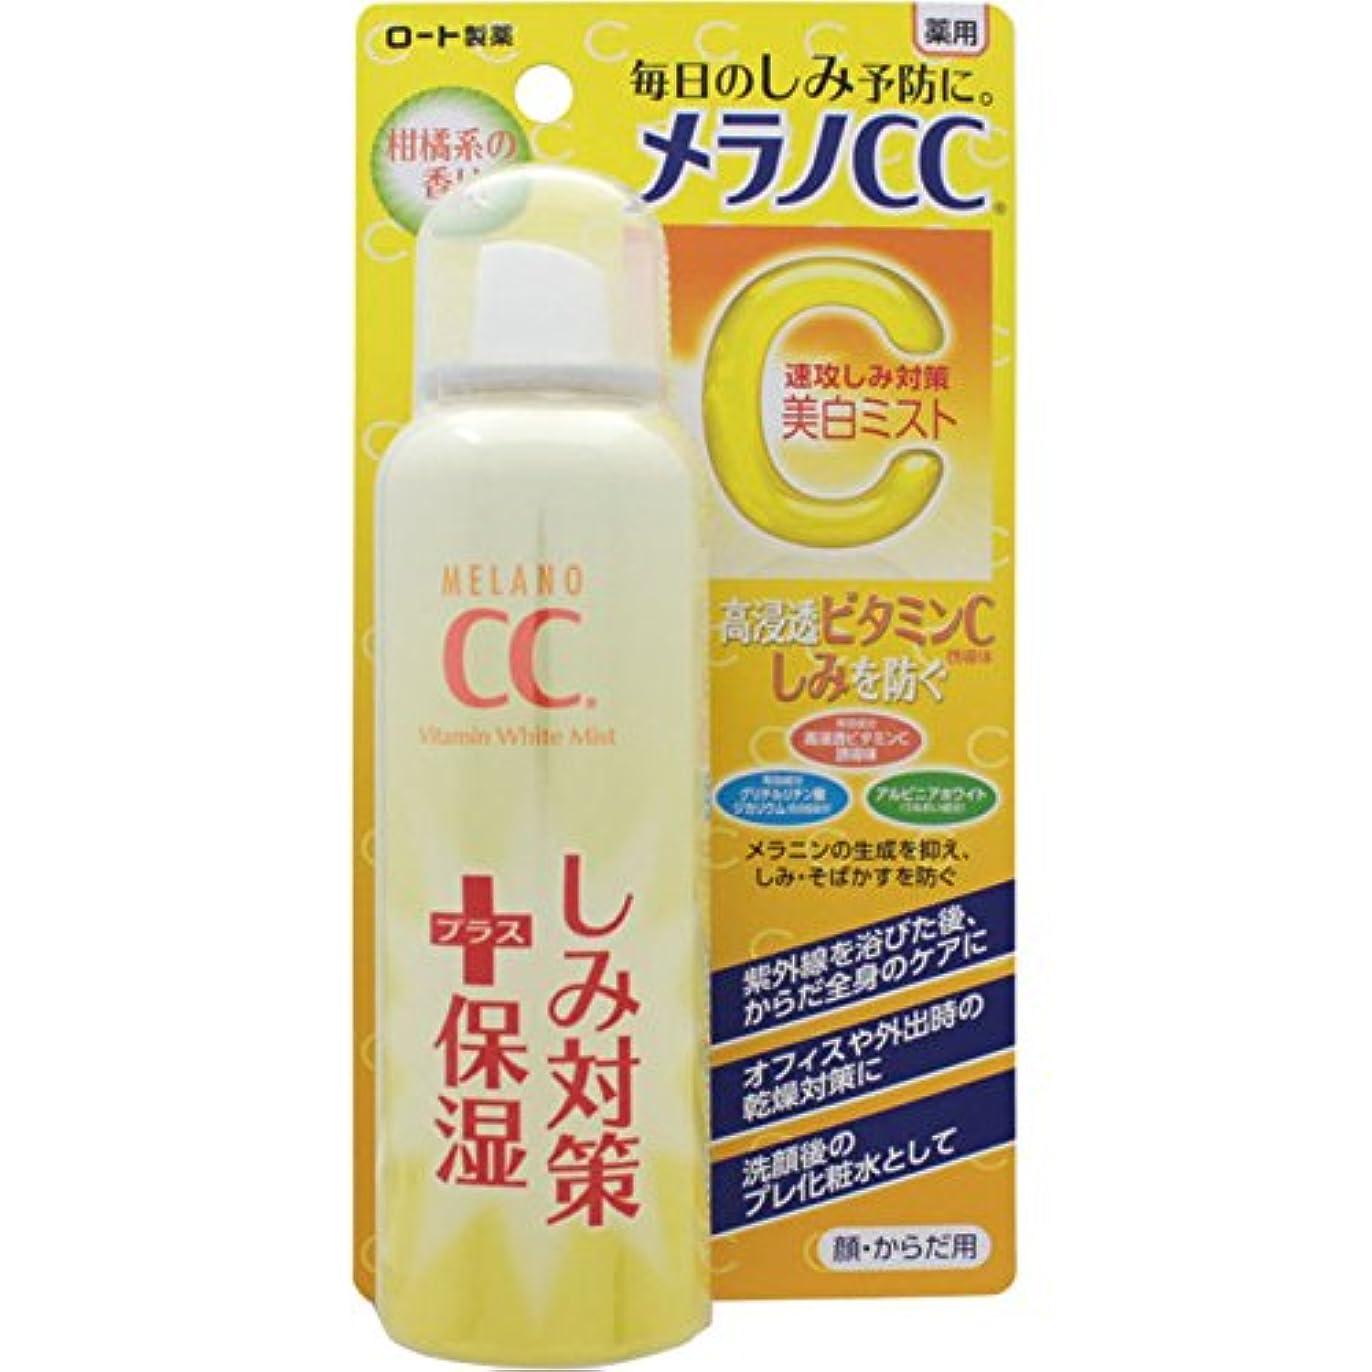 ぬれた一月未知の【医薬部外品】メラノCC 薬用しみ対策 美白ミスト化粧水 100g